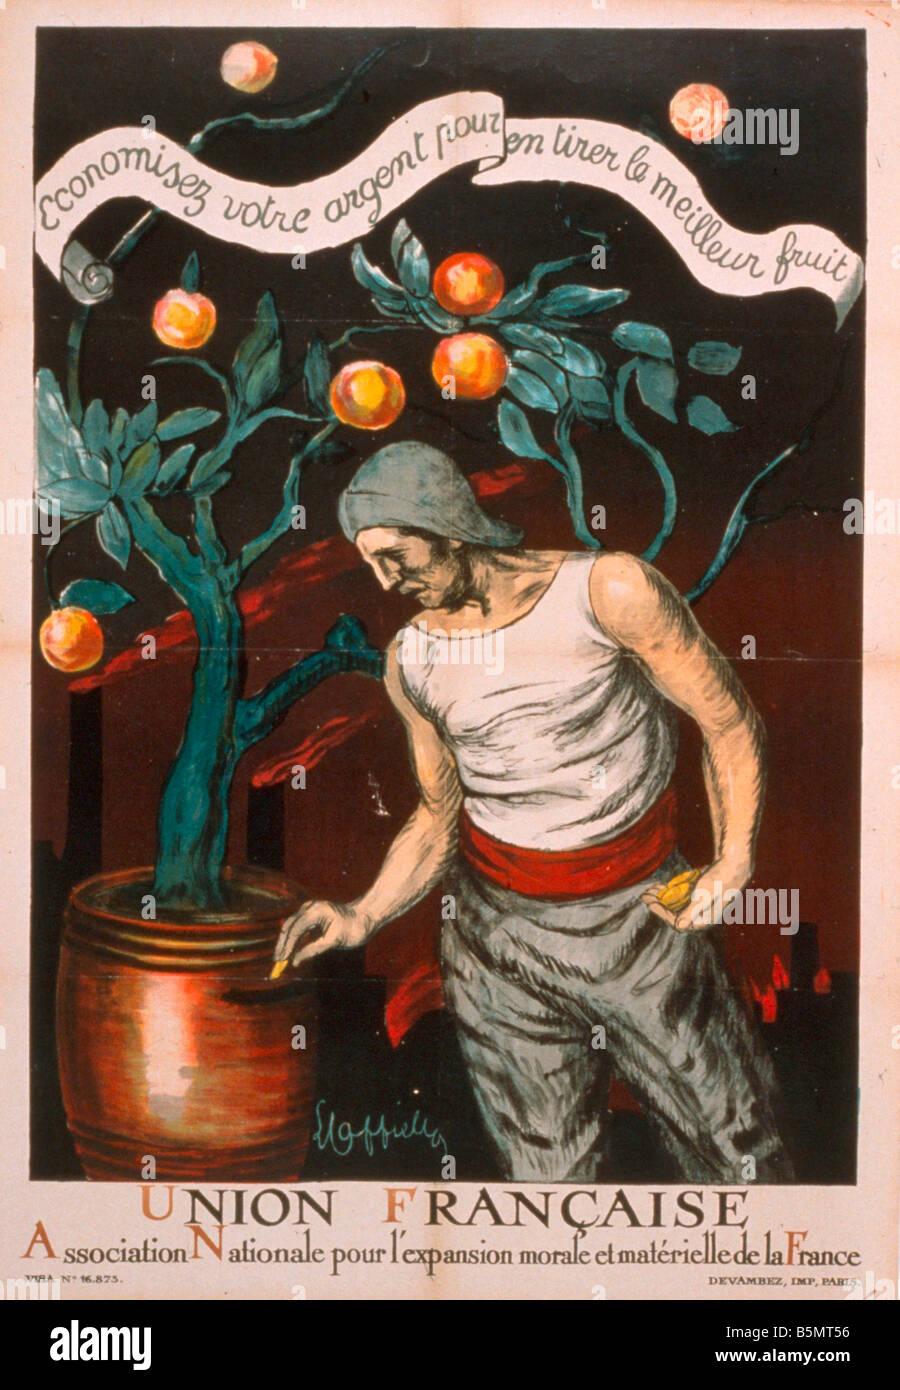 9FK 1920 0 0 E1 speichern für Wiederaufbau Poster 1920 Frankreich Post Krieg Periode WW ich Wiederaufbau Union Stockbild